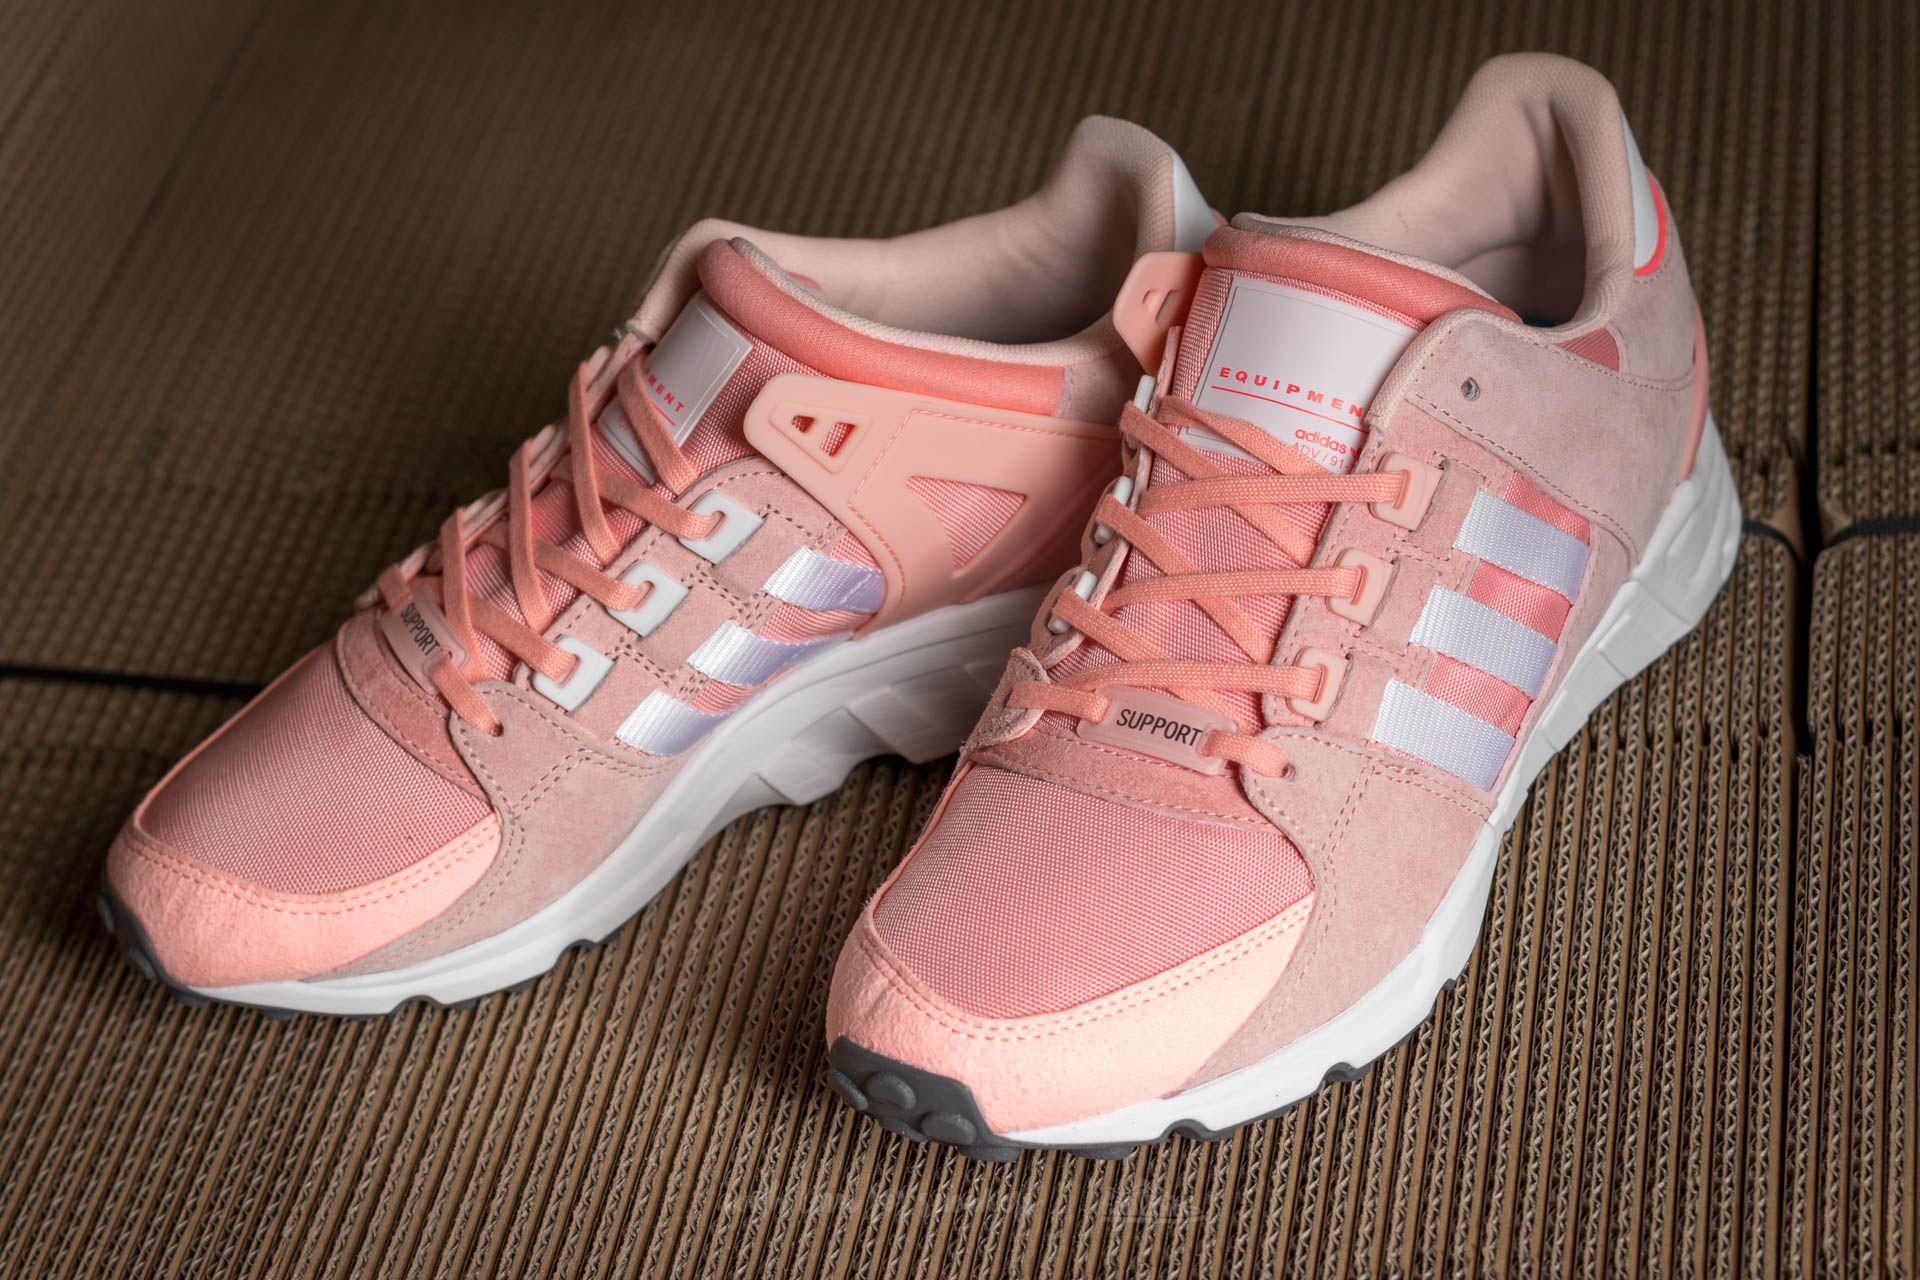 new style de496 e9afe Lyst - adidas Originals Adidas Eqt Support Rf W Haze Coral F